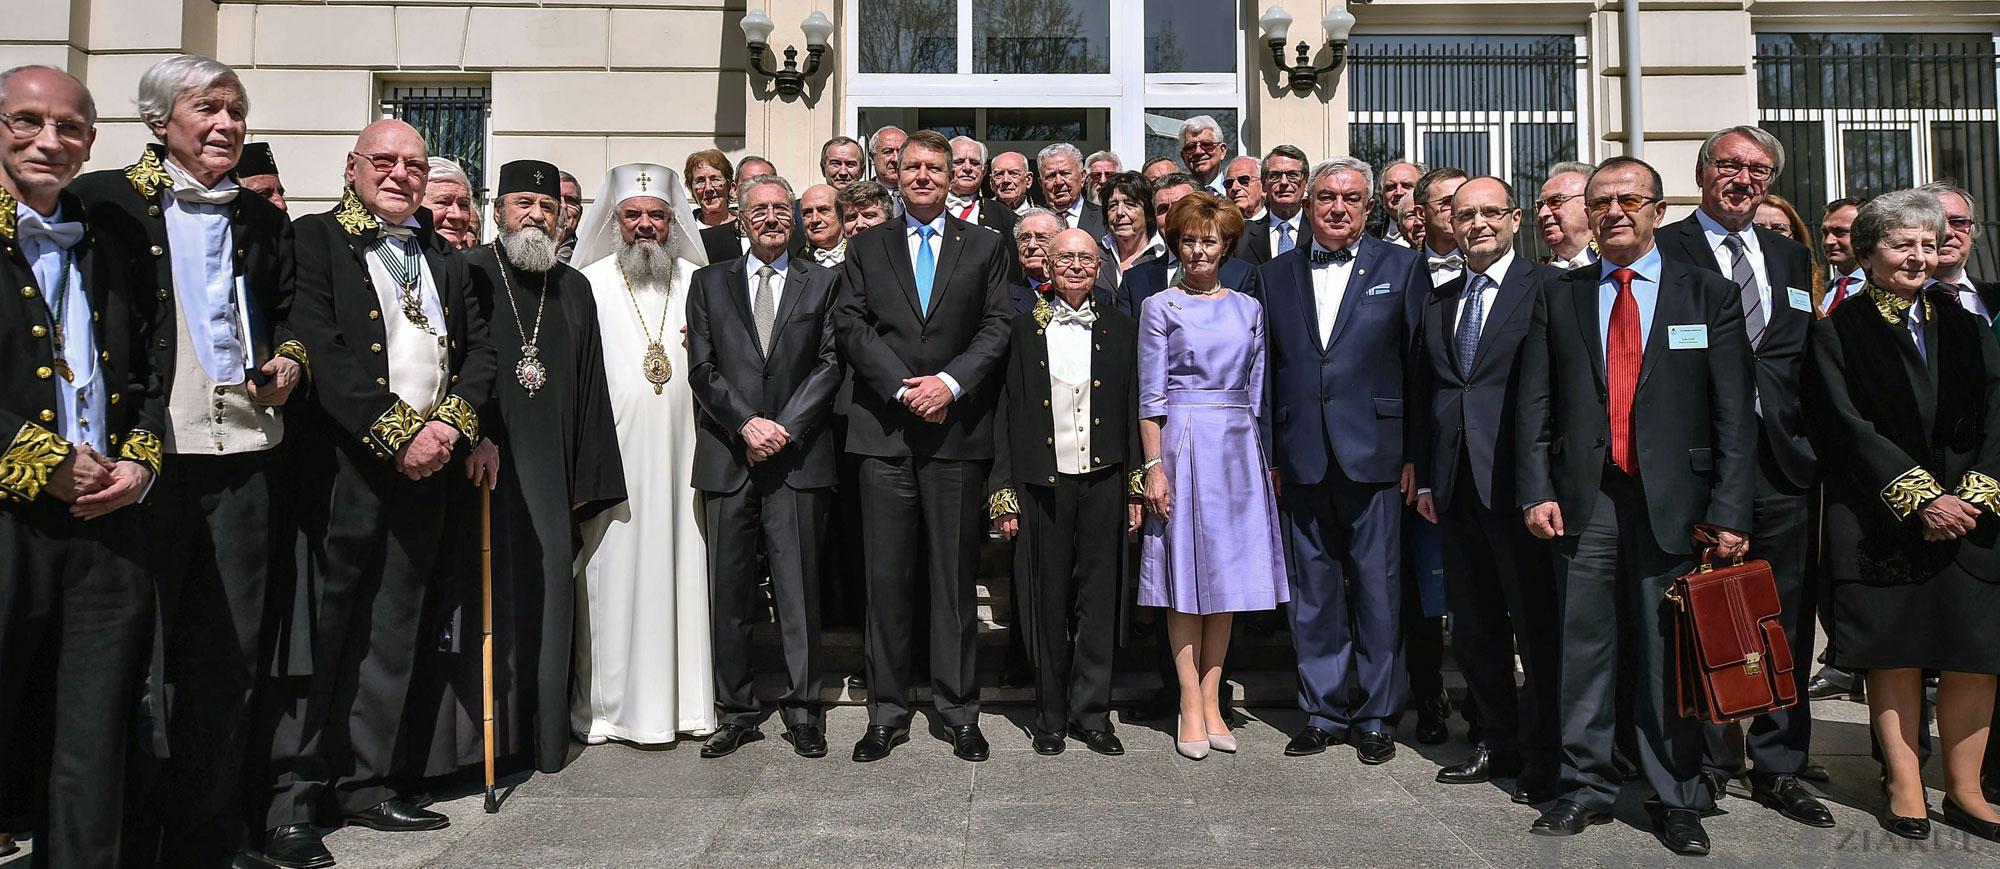 Academia Română, 150 de ani în serviciul națiunii române